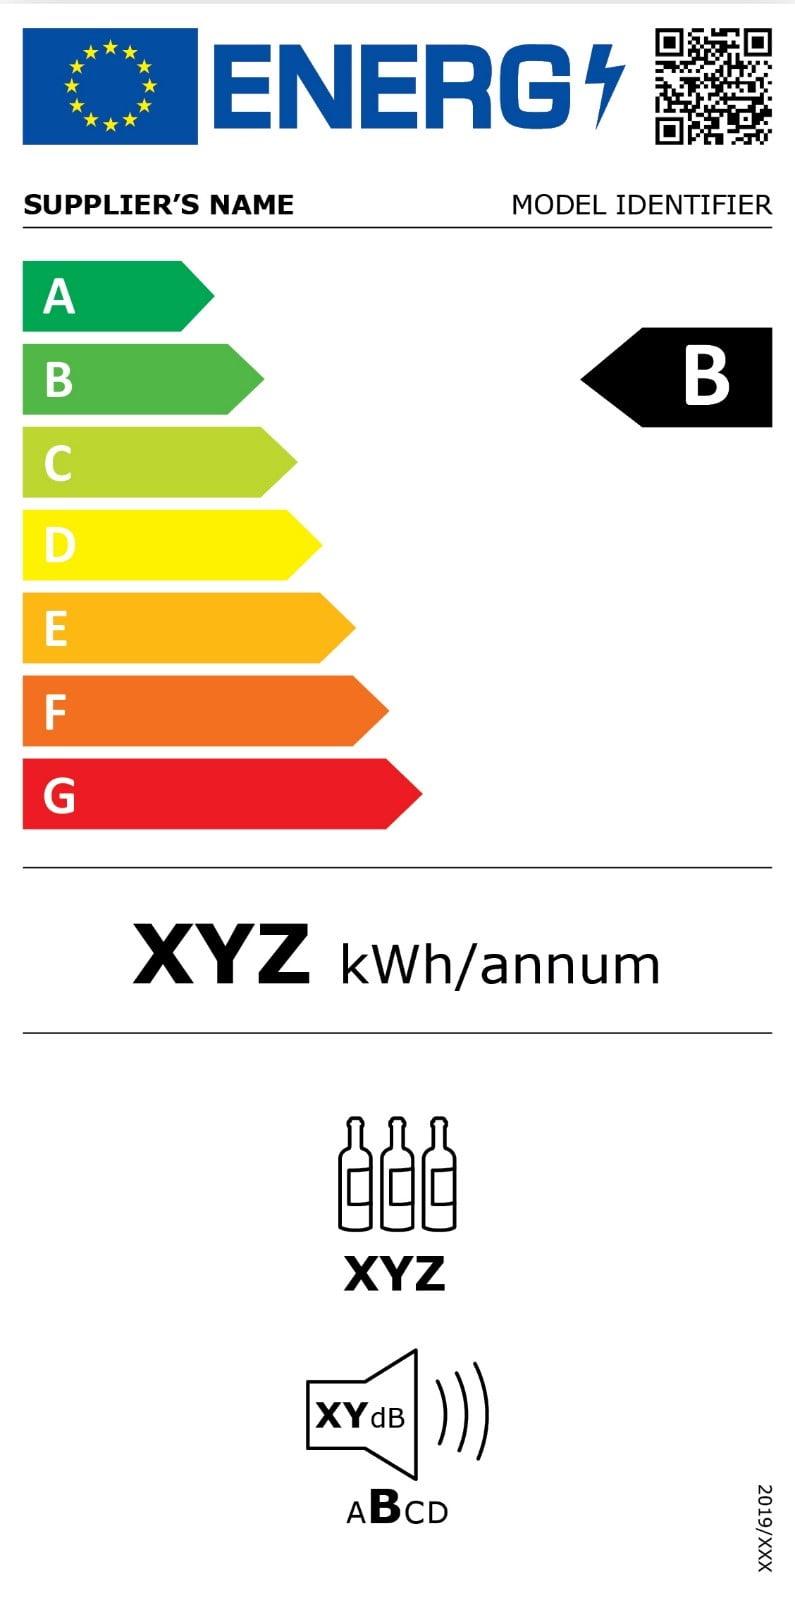 Etichette degli elettrodomestici